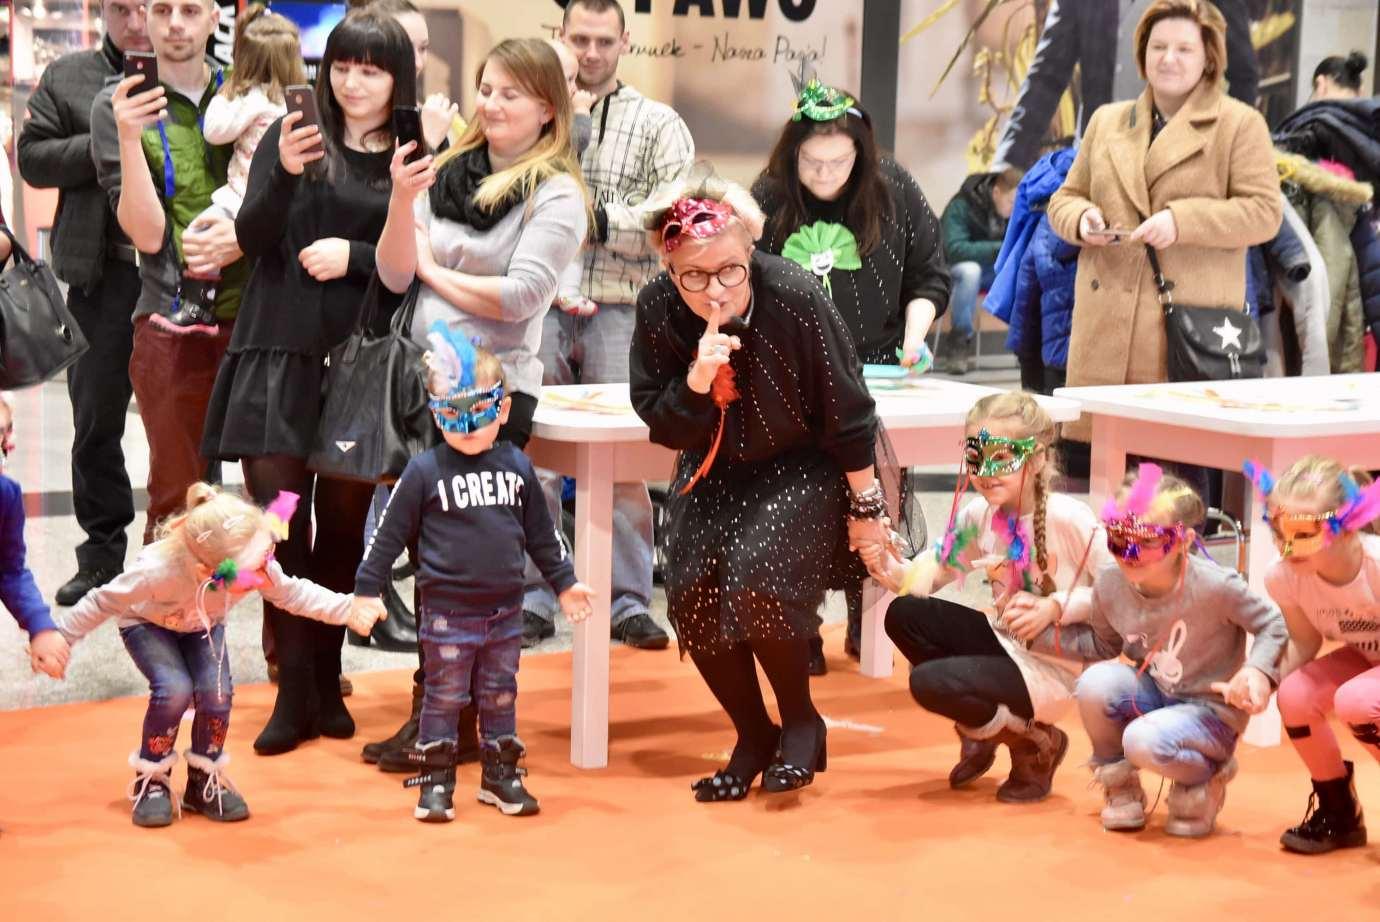 dsc 3984 Zabawa kreatywnych dzieciaków w Galerii Handlowej Twierdza (filmy i zdjęcia)